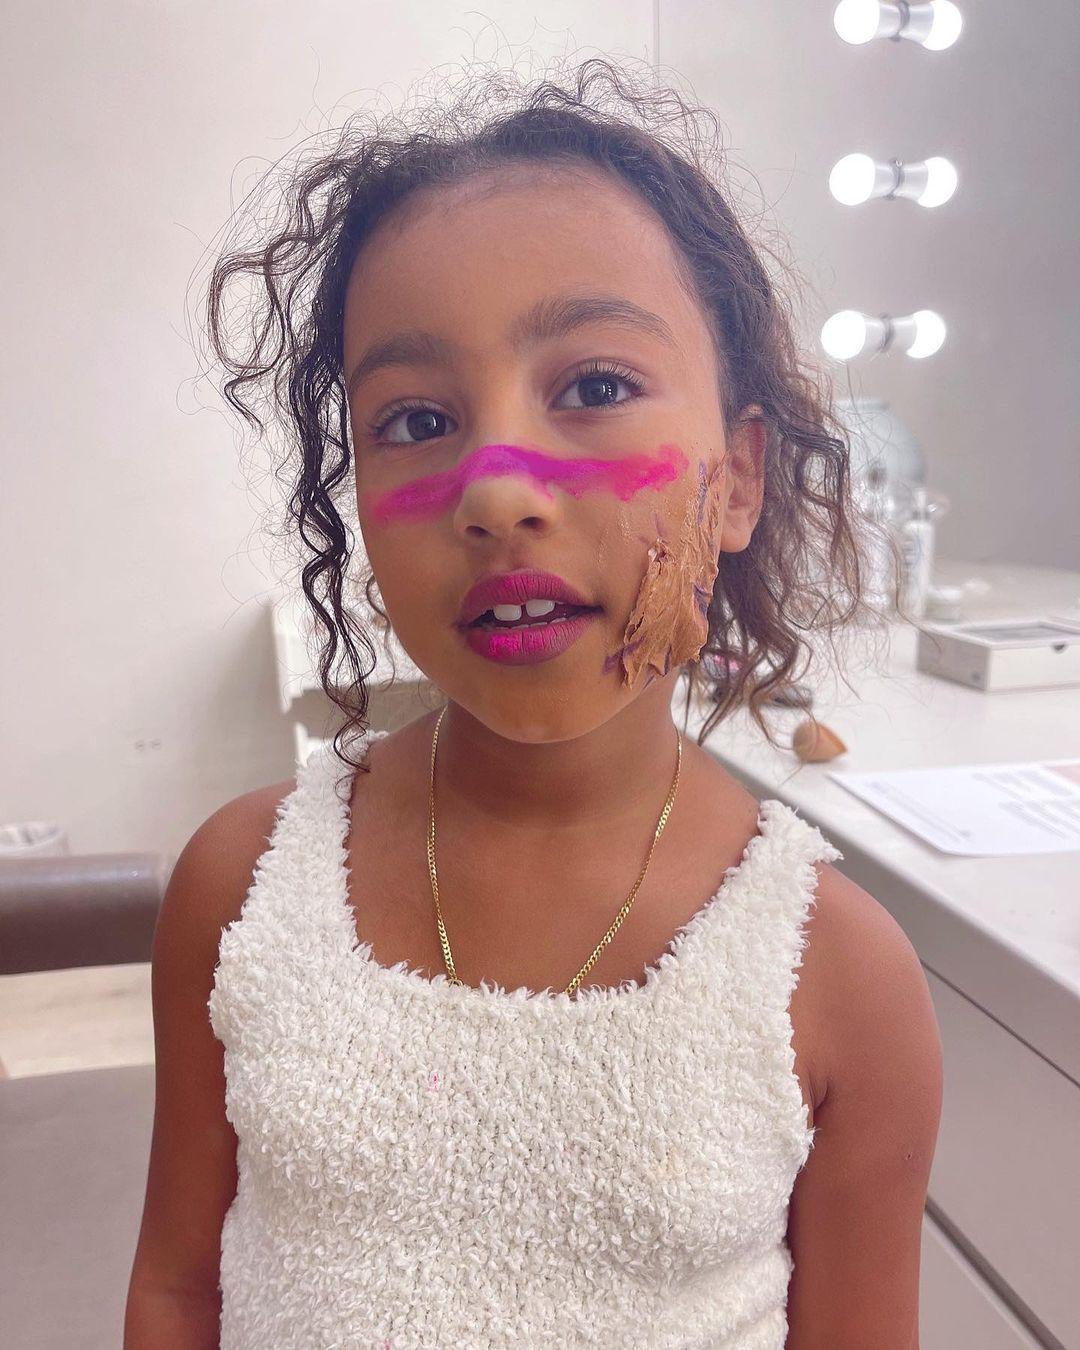 Kim Kardashian cho con gái tự do trang điểm, tô vẽ theo sở thích. Trong hình, gương mặt cô bé phủ đầy kem nền và dùng giấy cùng foundation để mô phỏng vết sẹo trên da.